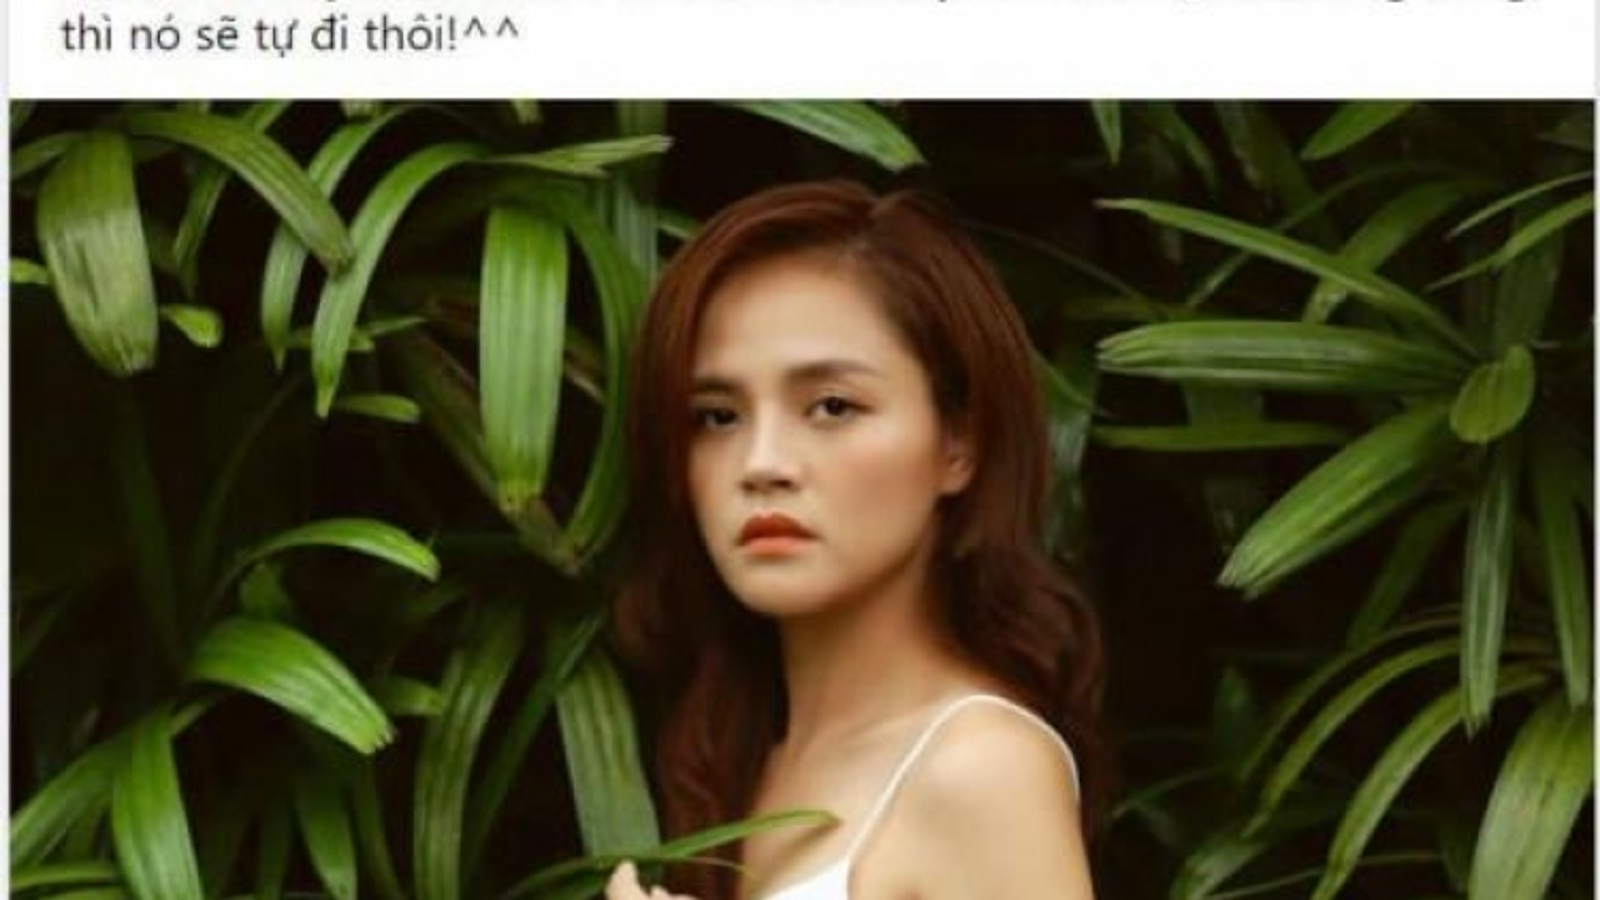 Chuyện showbiz: Bạn trai Thu Quỳnh lên tiếng khi bị nghi rạn nứt tình cảm